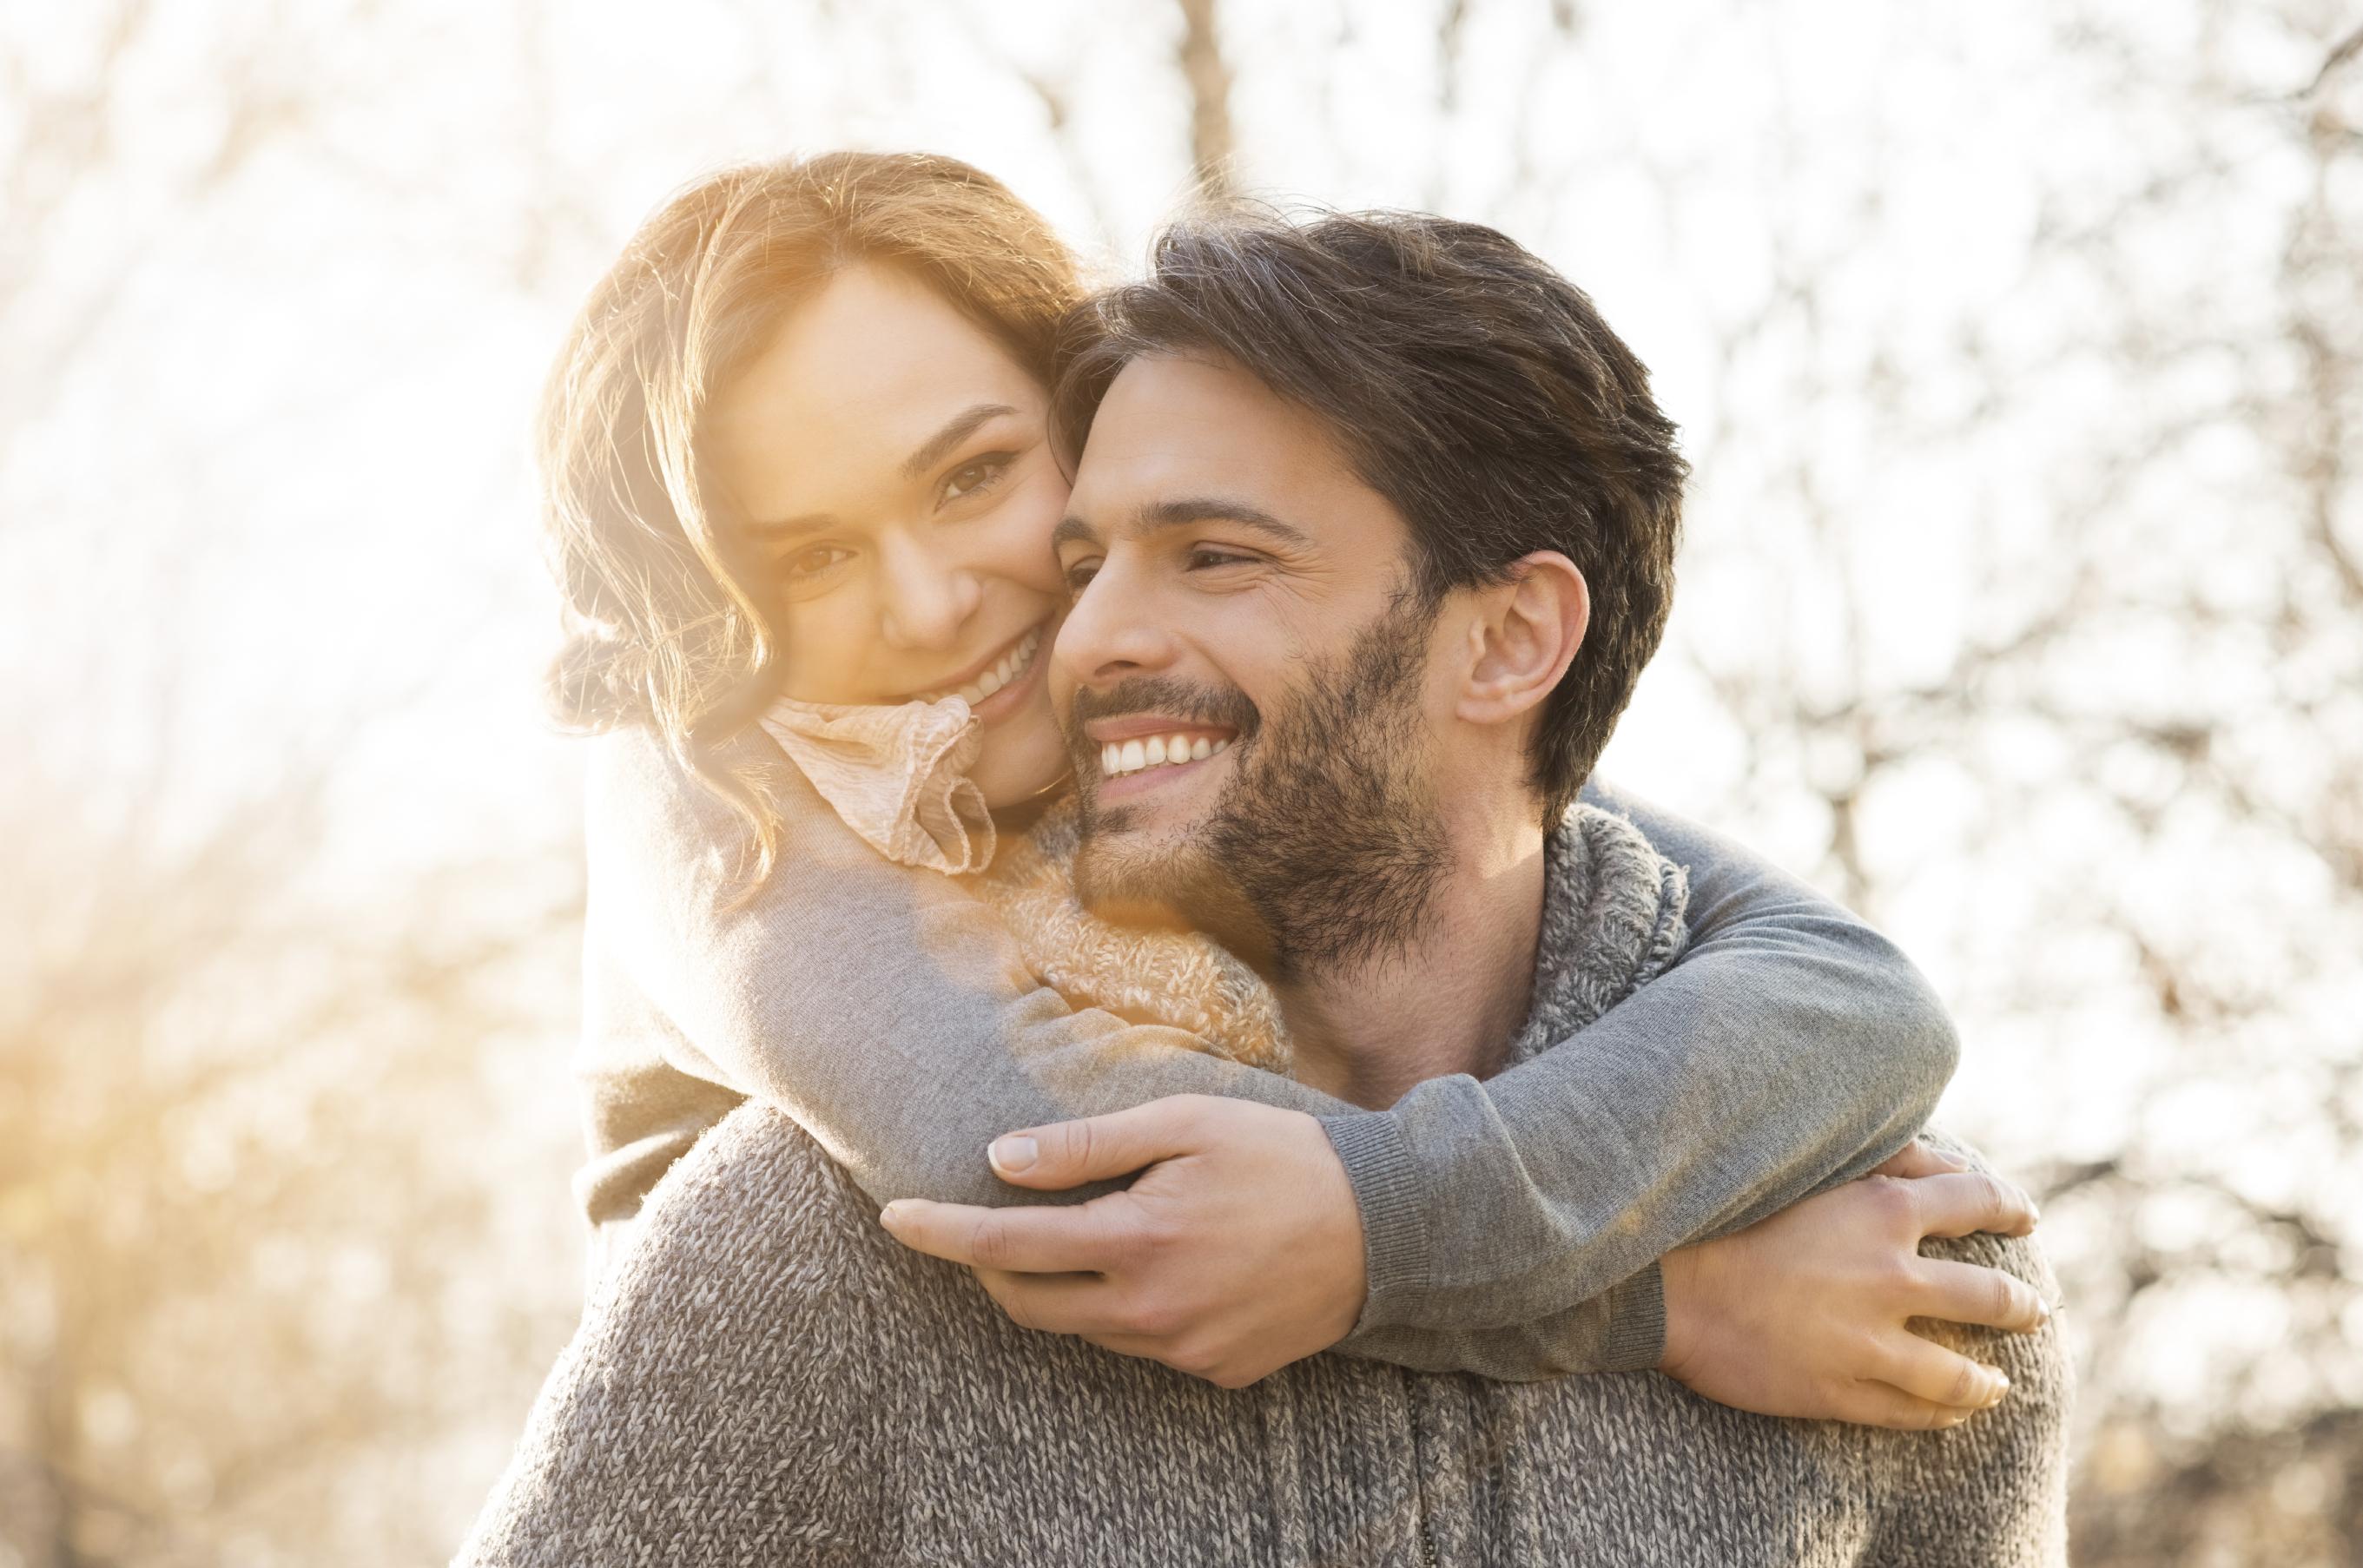 Σεξουαλικά αρπακτικά σε απευθείας σύνδεση dating